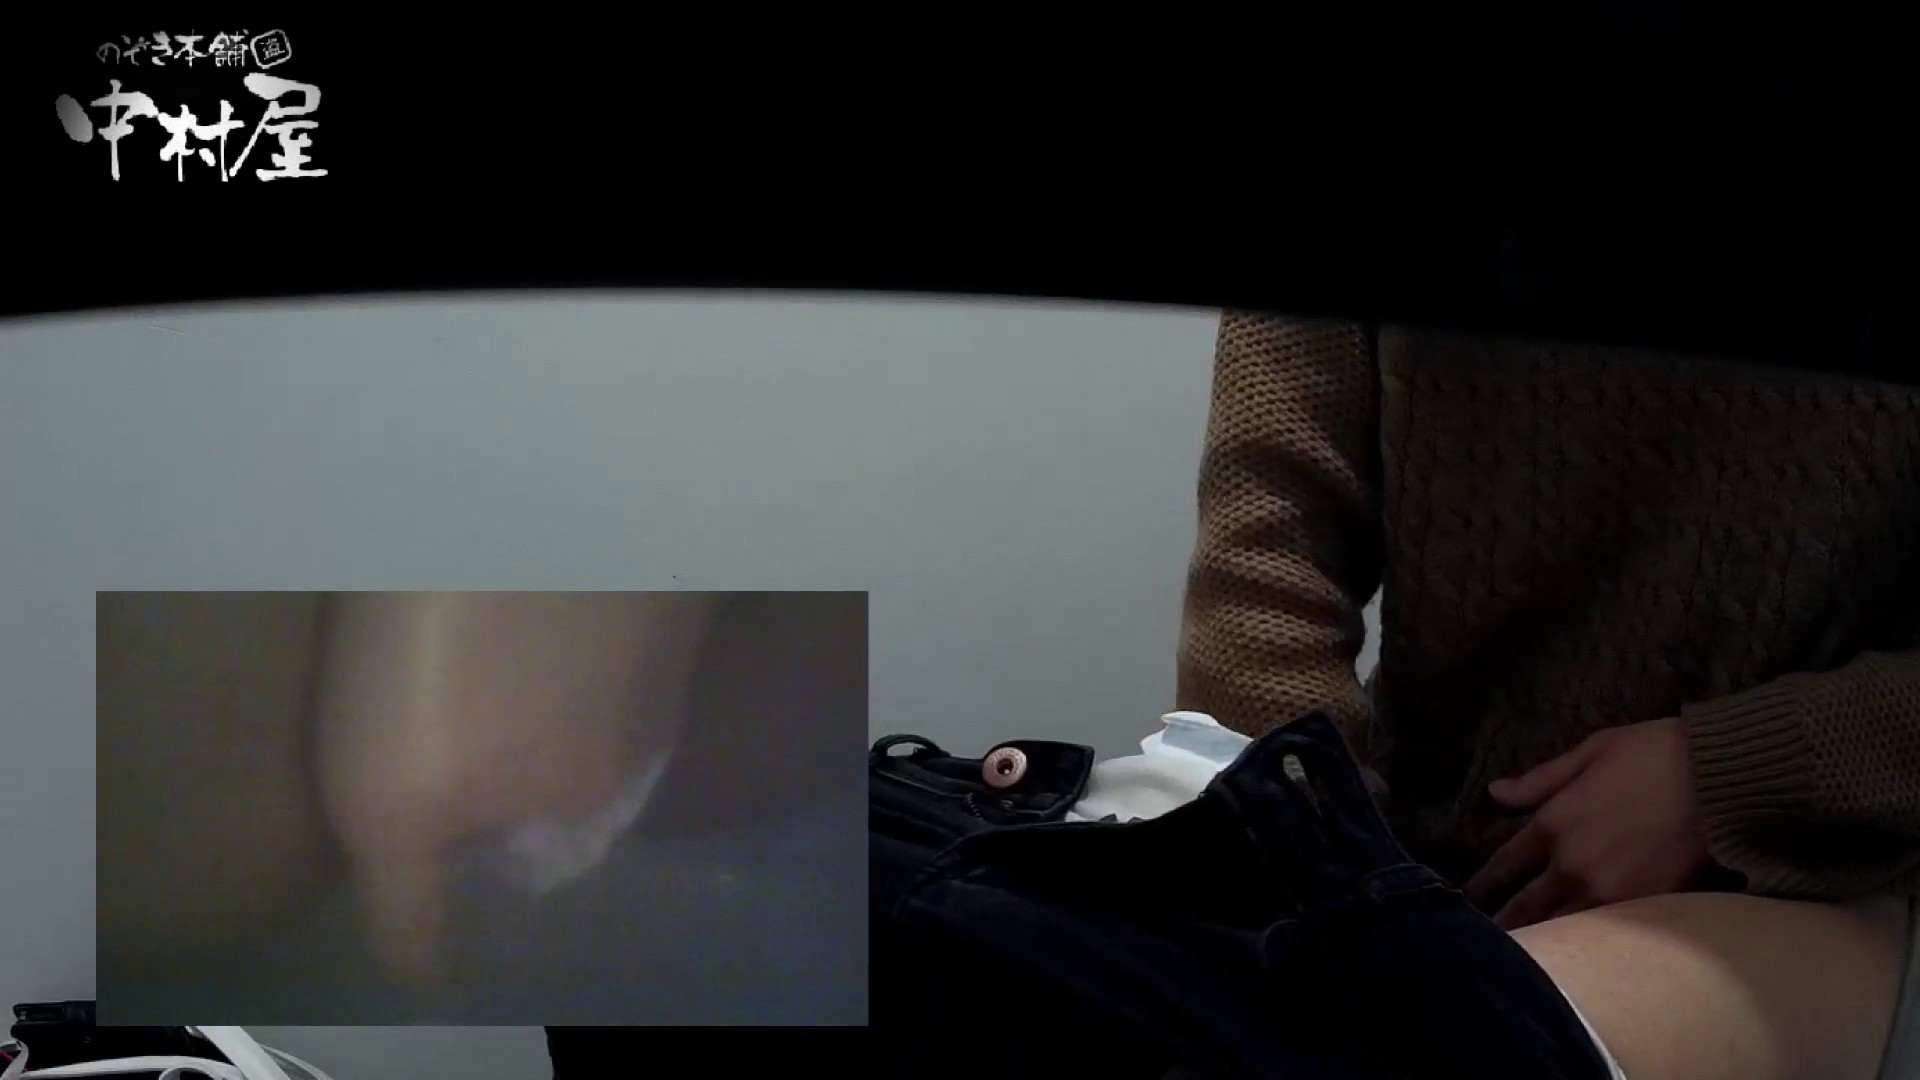 有名大学女性洗面所 vol.54 設置撮影最高峰!! 3視点でじっくり観察 洗面所突入 オマンコ動画キャプチャ 94pic 38